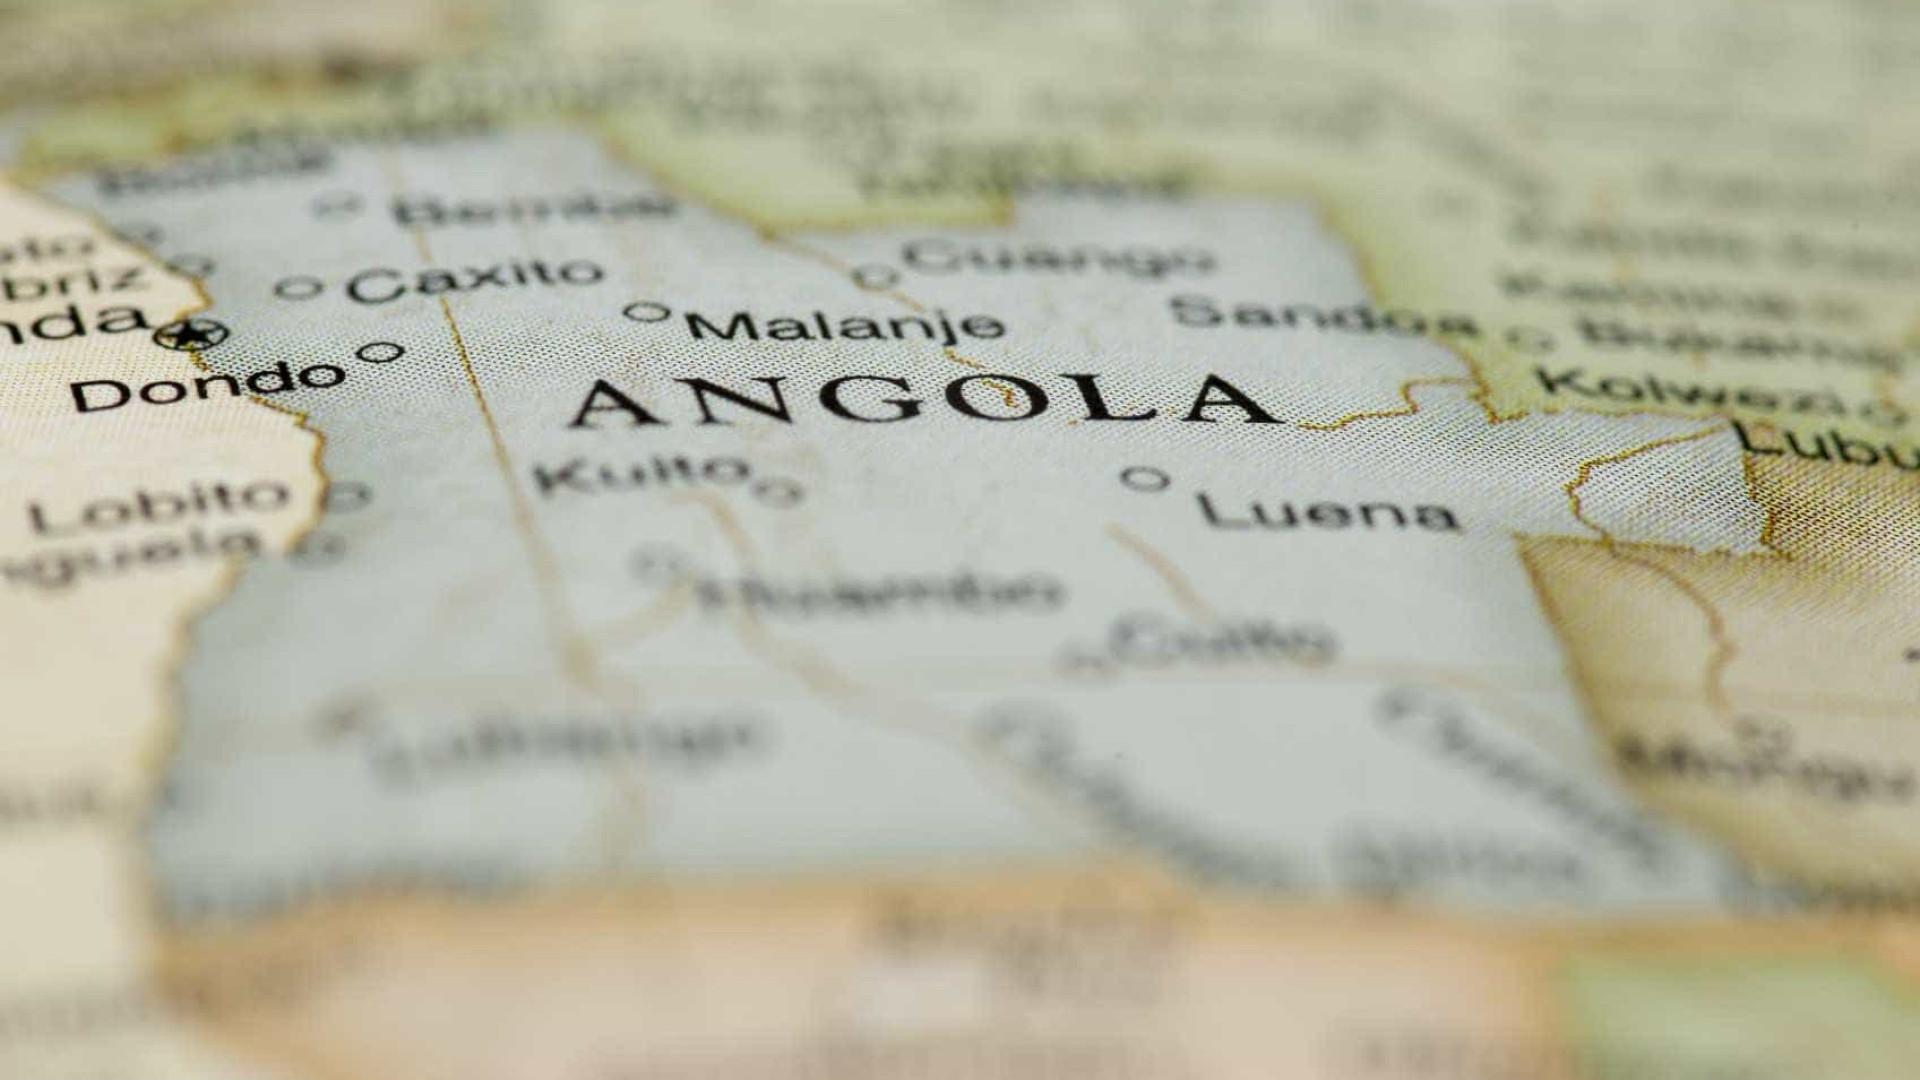 Relação entre portugueses e angolanos imune à diplomacia